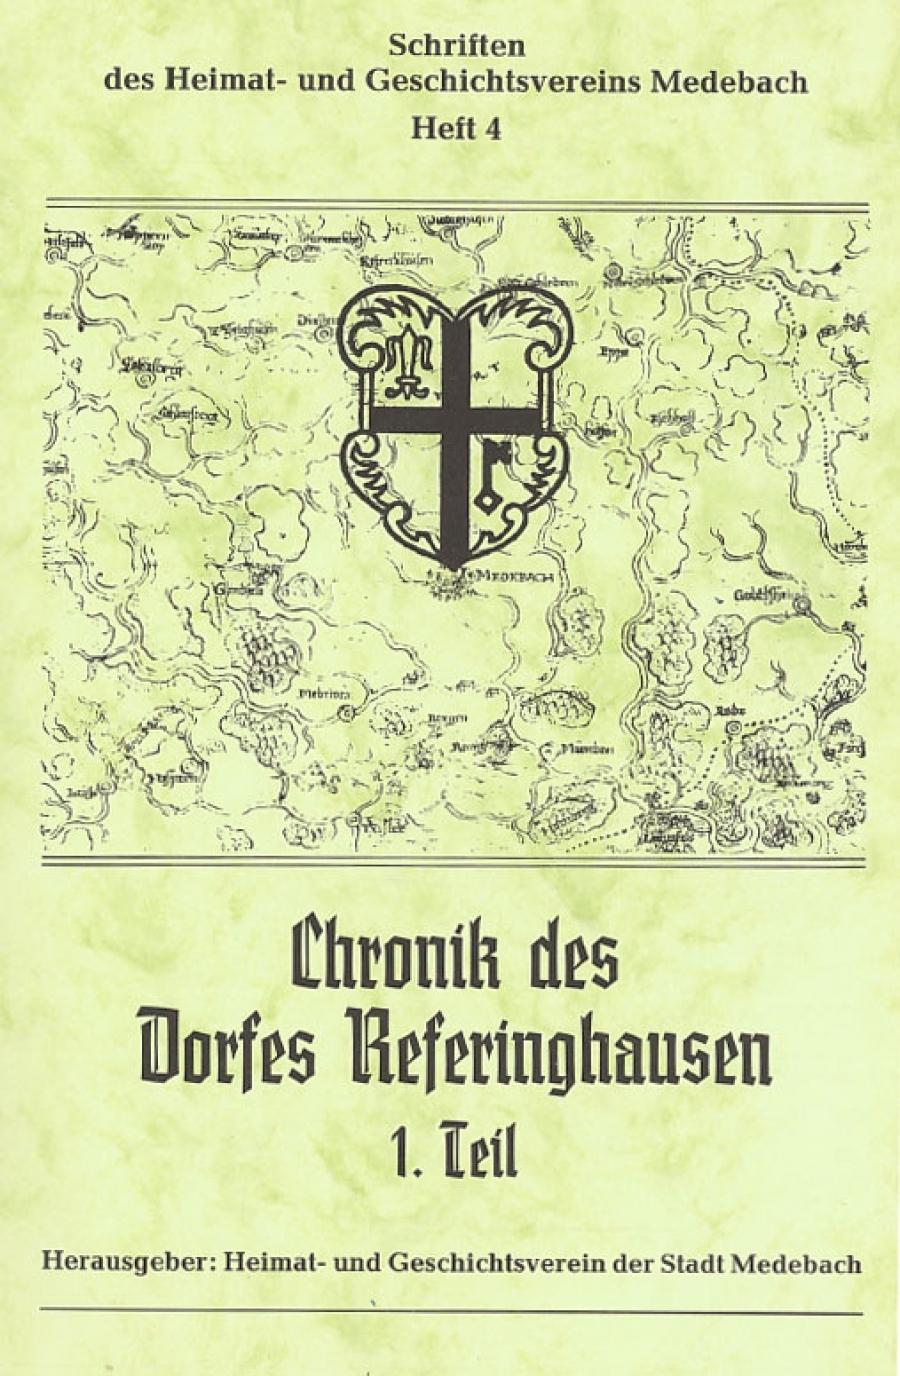 Chronik des Dorfes Referinghausen I